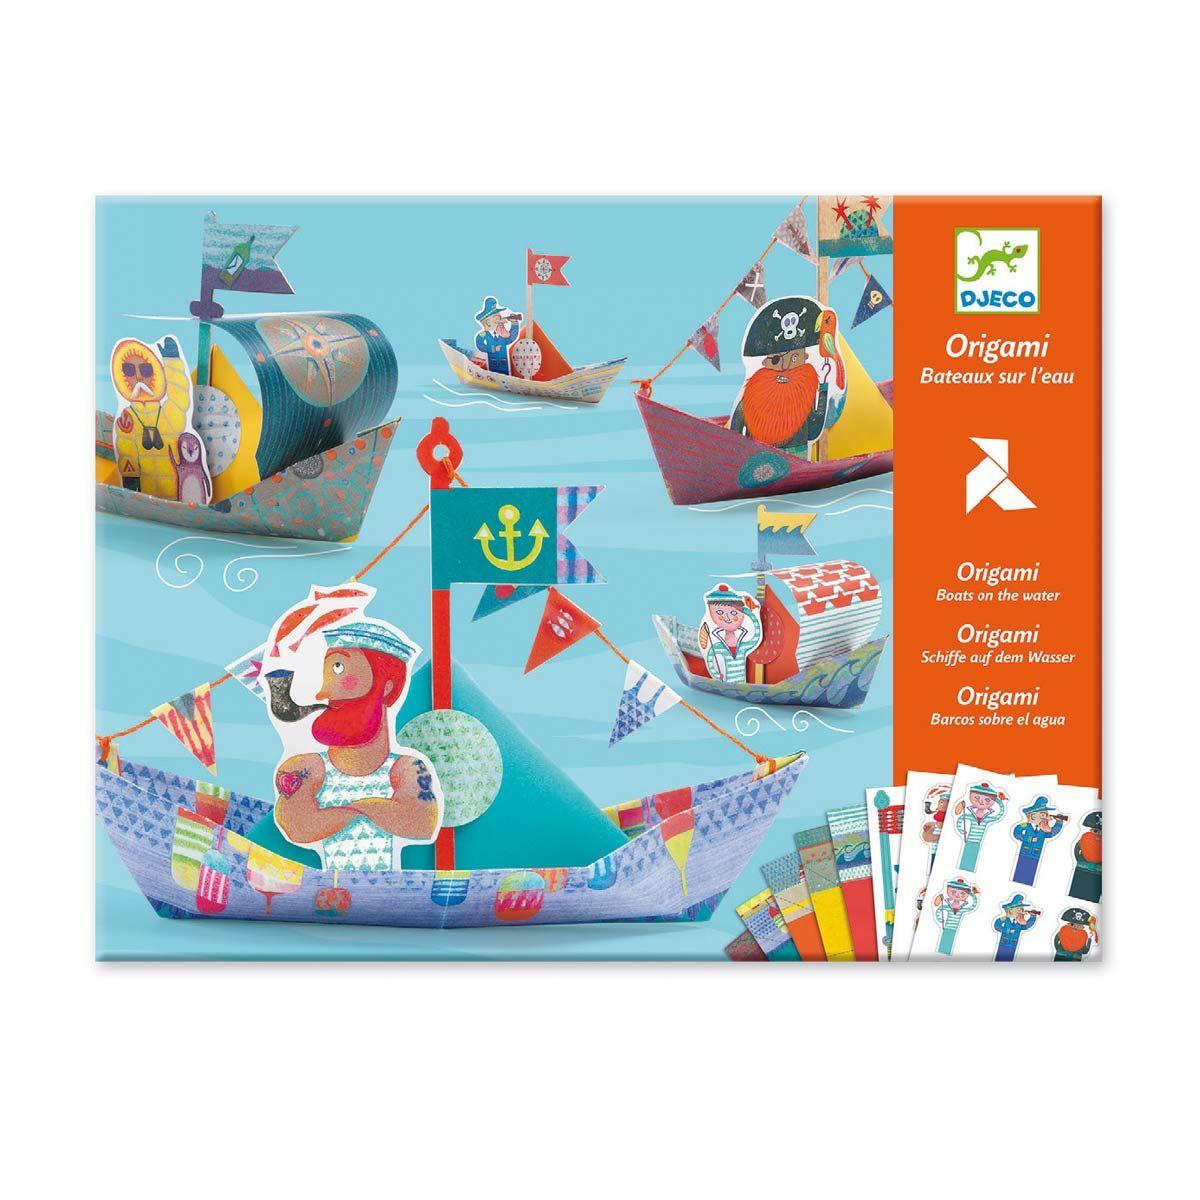 Origami Bateaux Sur L'eau Djeco Pour Enfant De 6 Ans À 11 pour Jeux Pour Enfant De 11 Ans